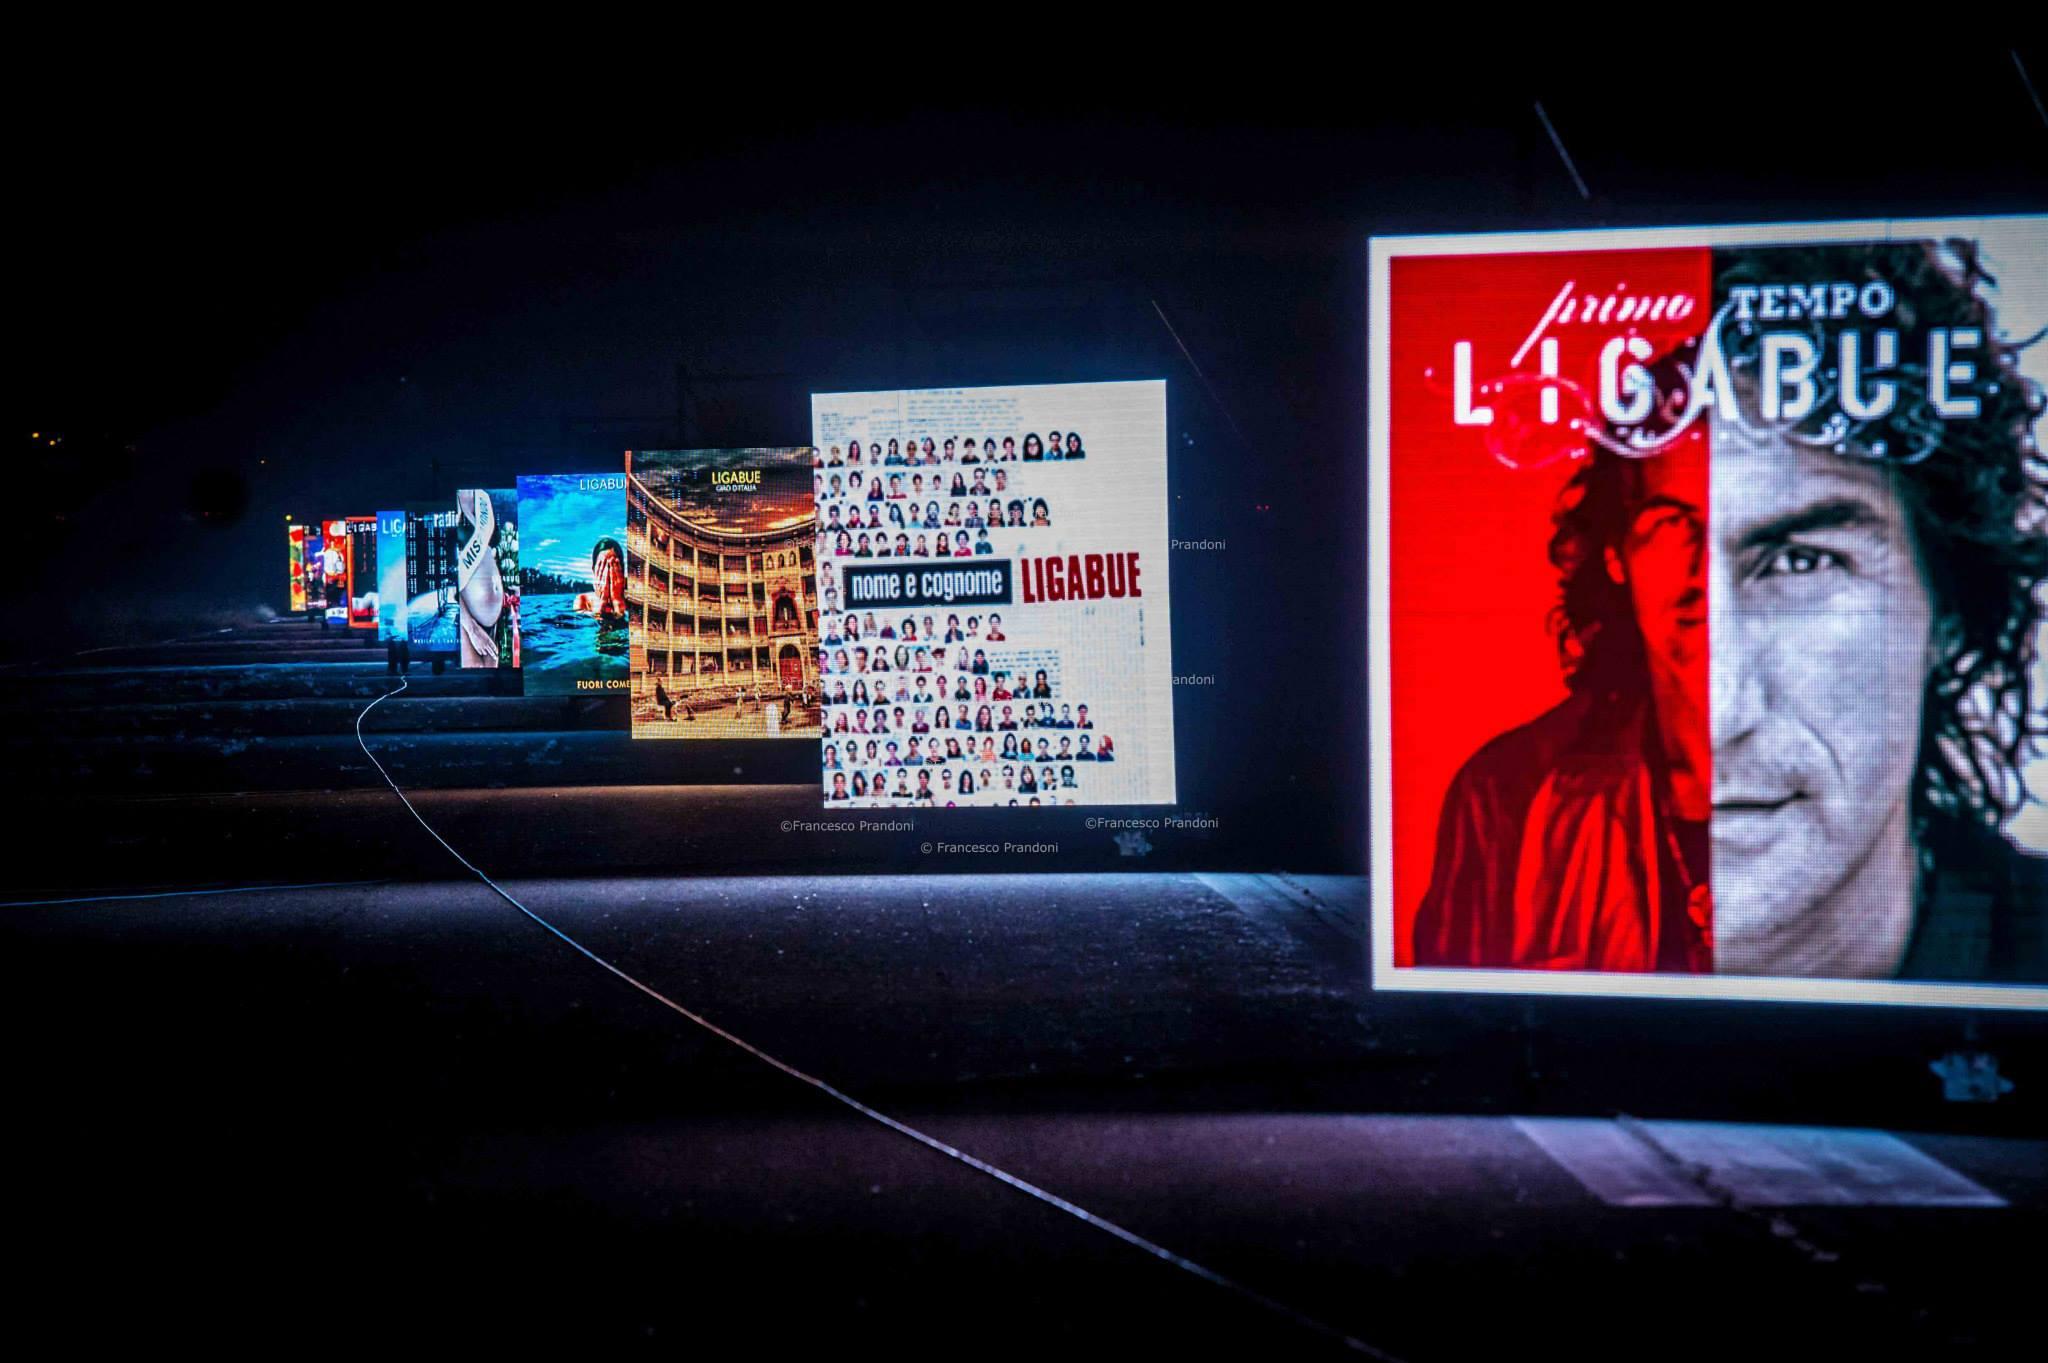 Luciano Ligabue @ Campovolo - Reggio Emilia ph Francesco Prandoni